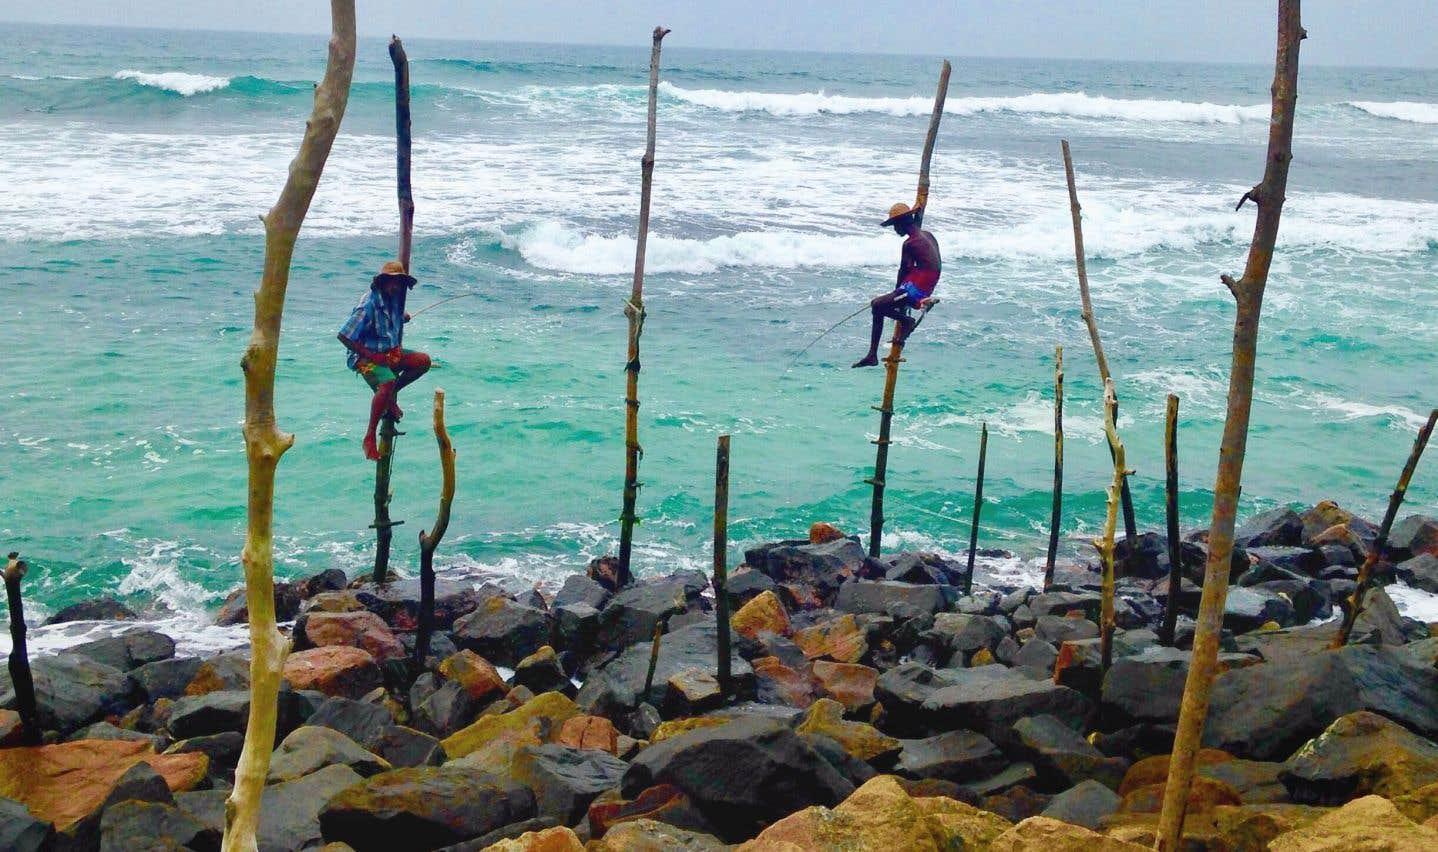 Les pêcheurs se juchent sur leurs perchoirs à l'aube; les «poseurs» s'y installent l'après-midi pour gagner quelques roupies. Indissociable de la destination...